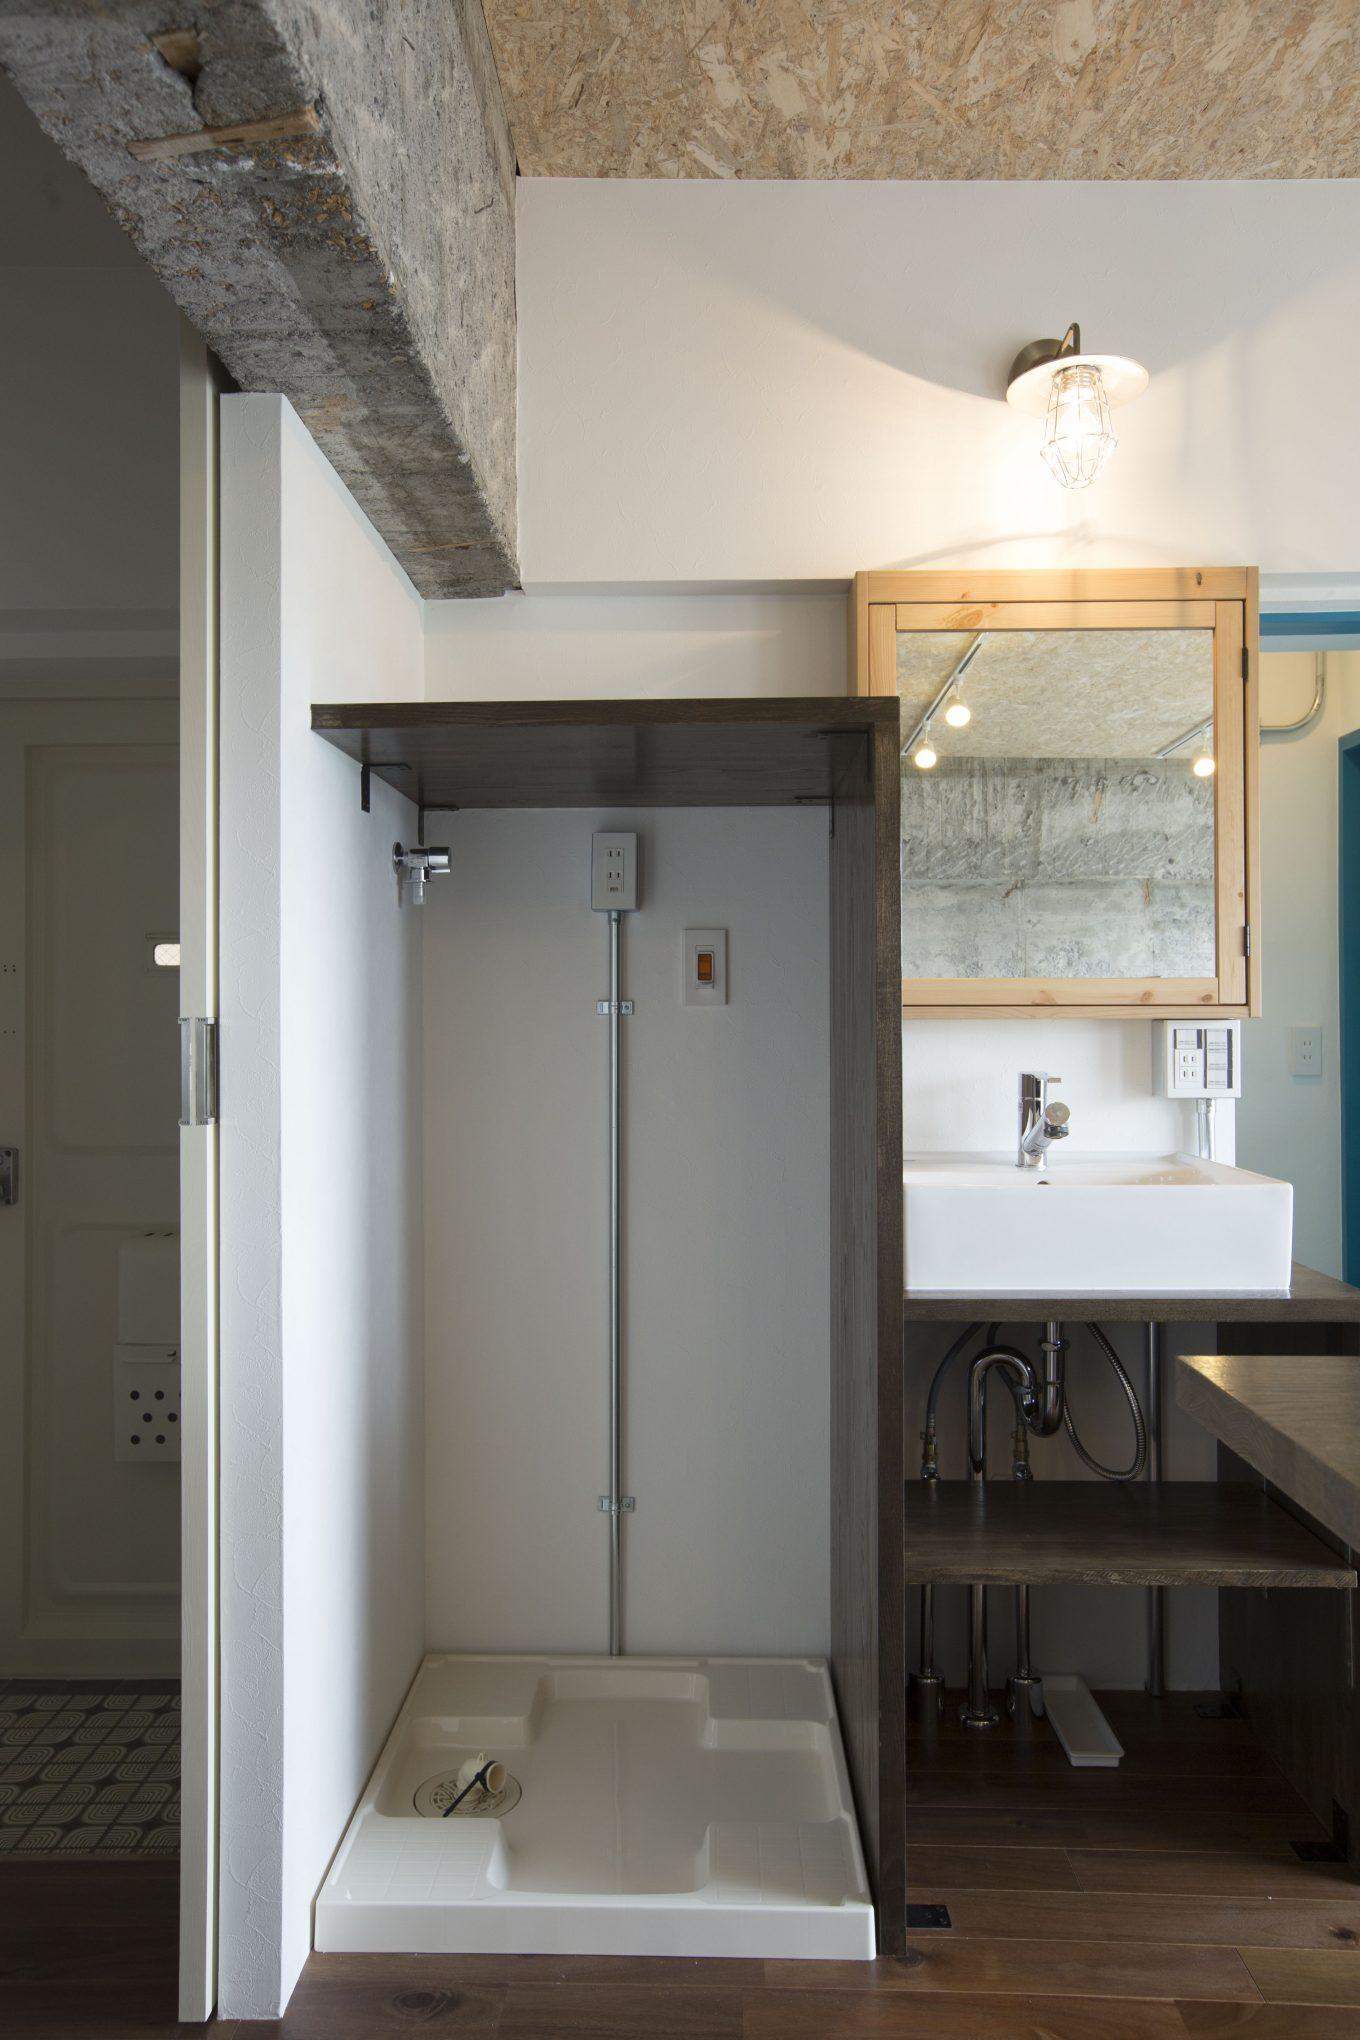 洗濯機置き場をデザインし、おしゃれにリノベーション